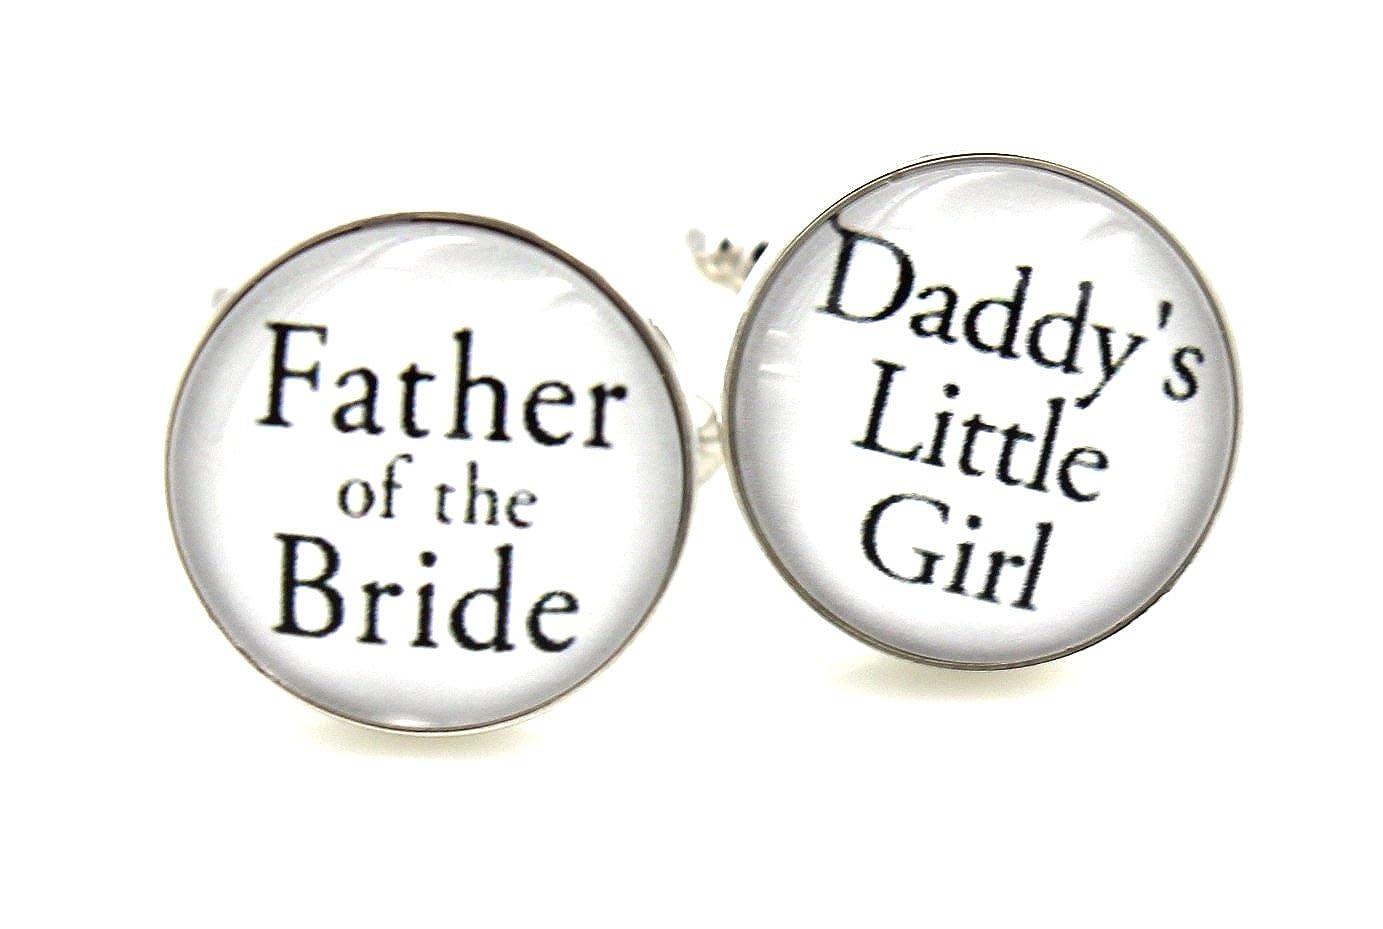 花嫁の父。。。Daddy 's Little Girl – Cuff Links Mens Cufflinksウェディング花嫁の付き添いブラックSilv   B01N756BW5